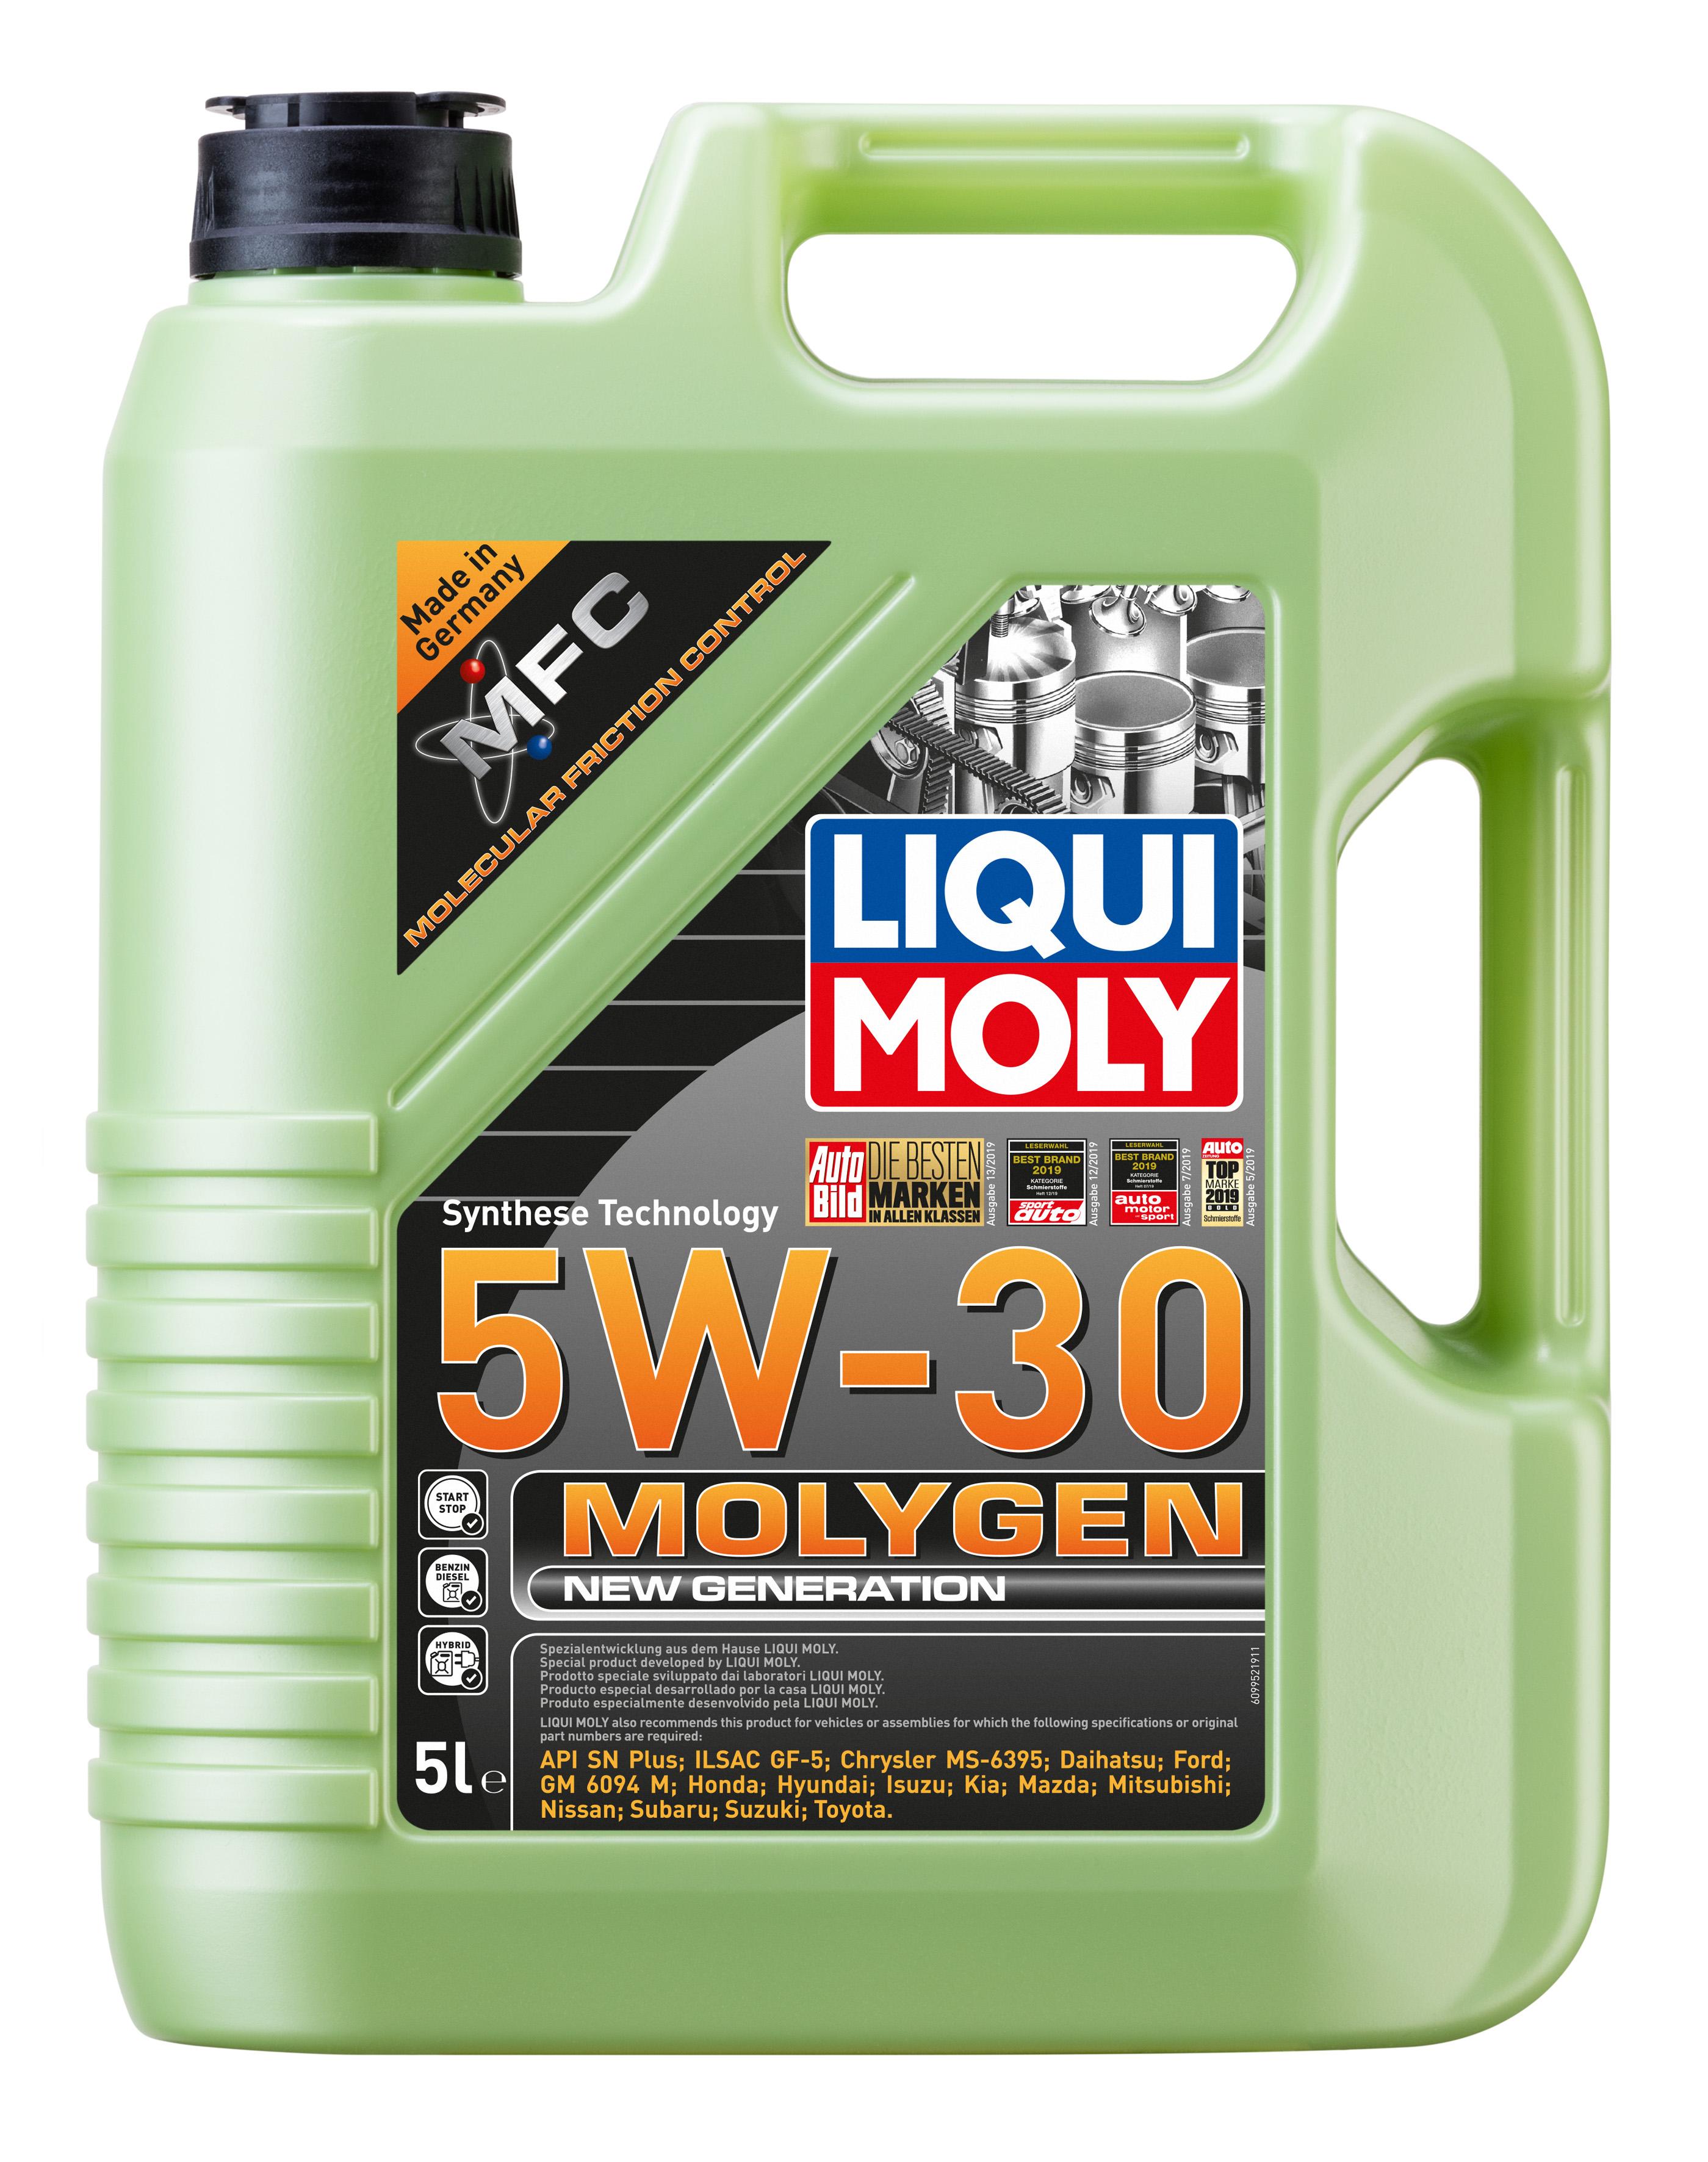 Liqui Moly Molygen New Generation 5W-30